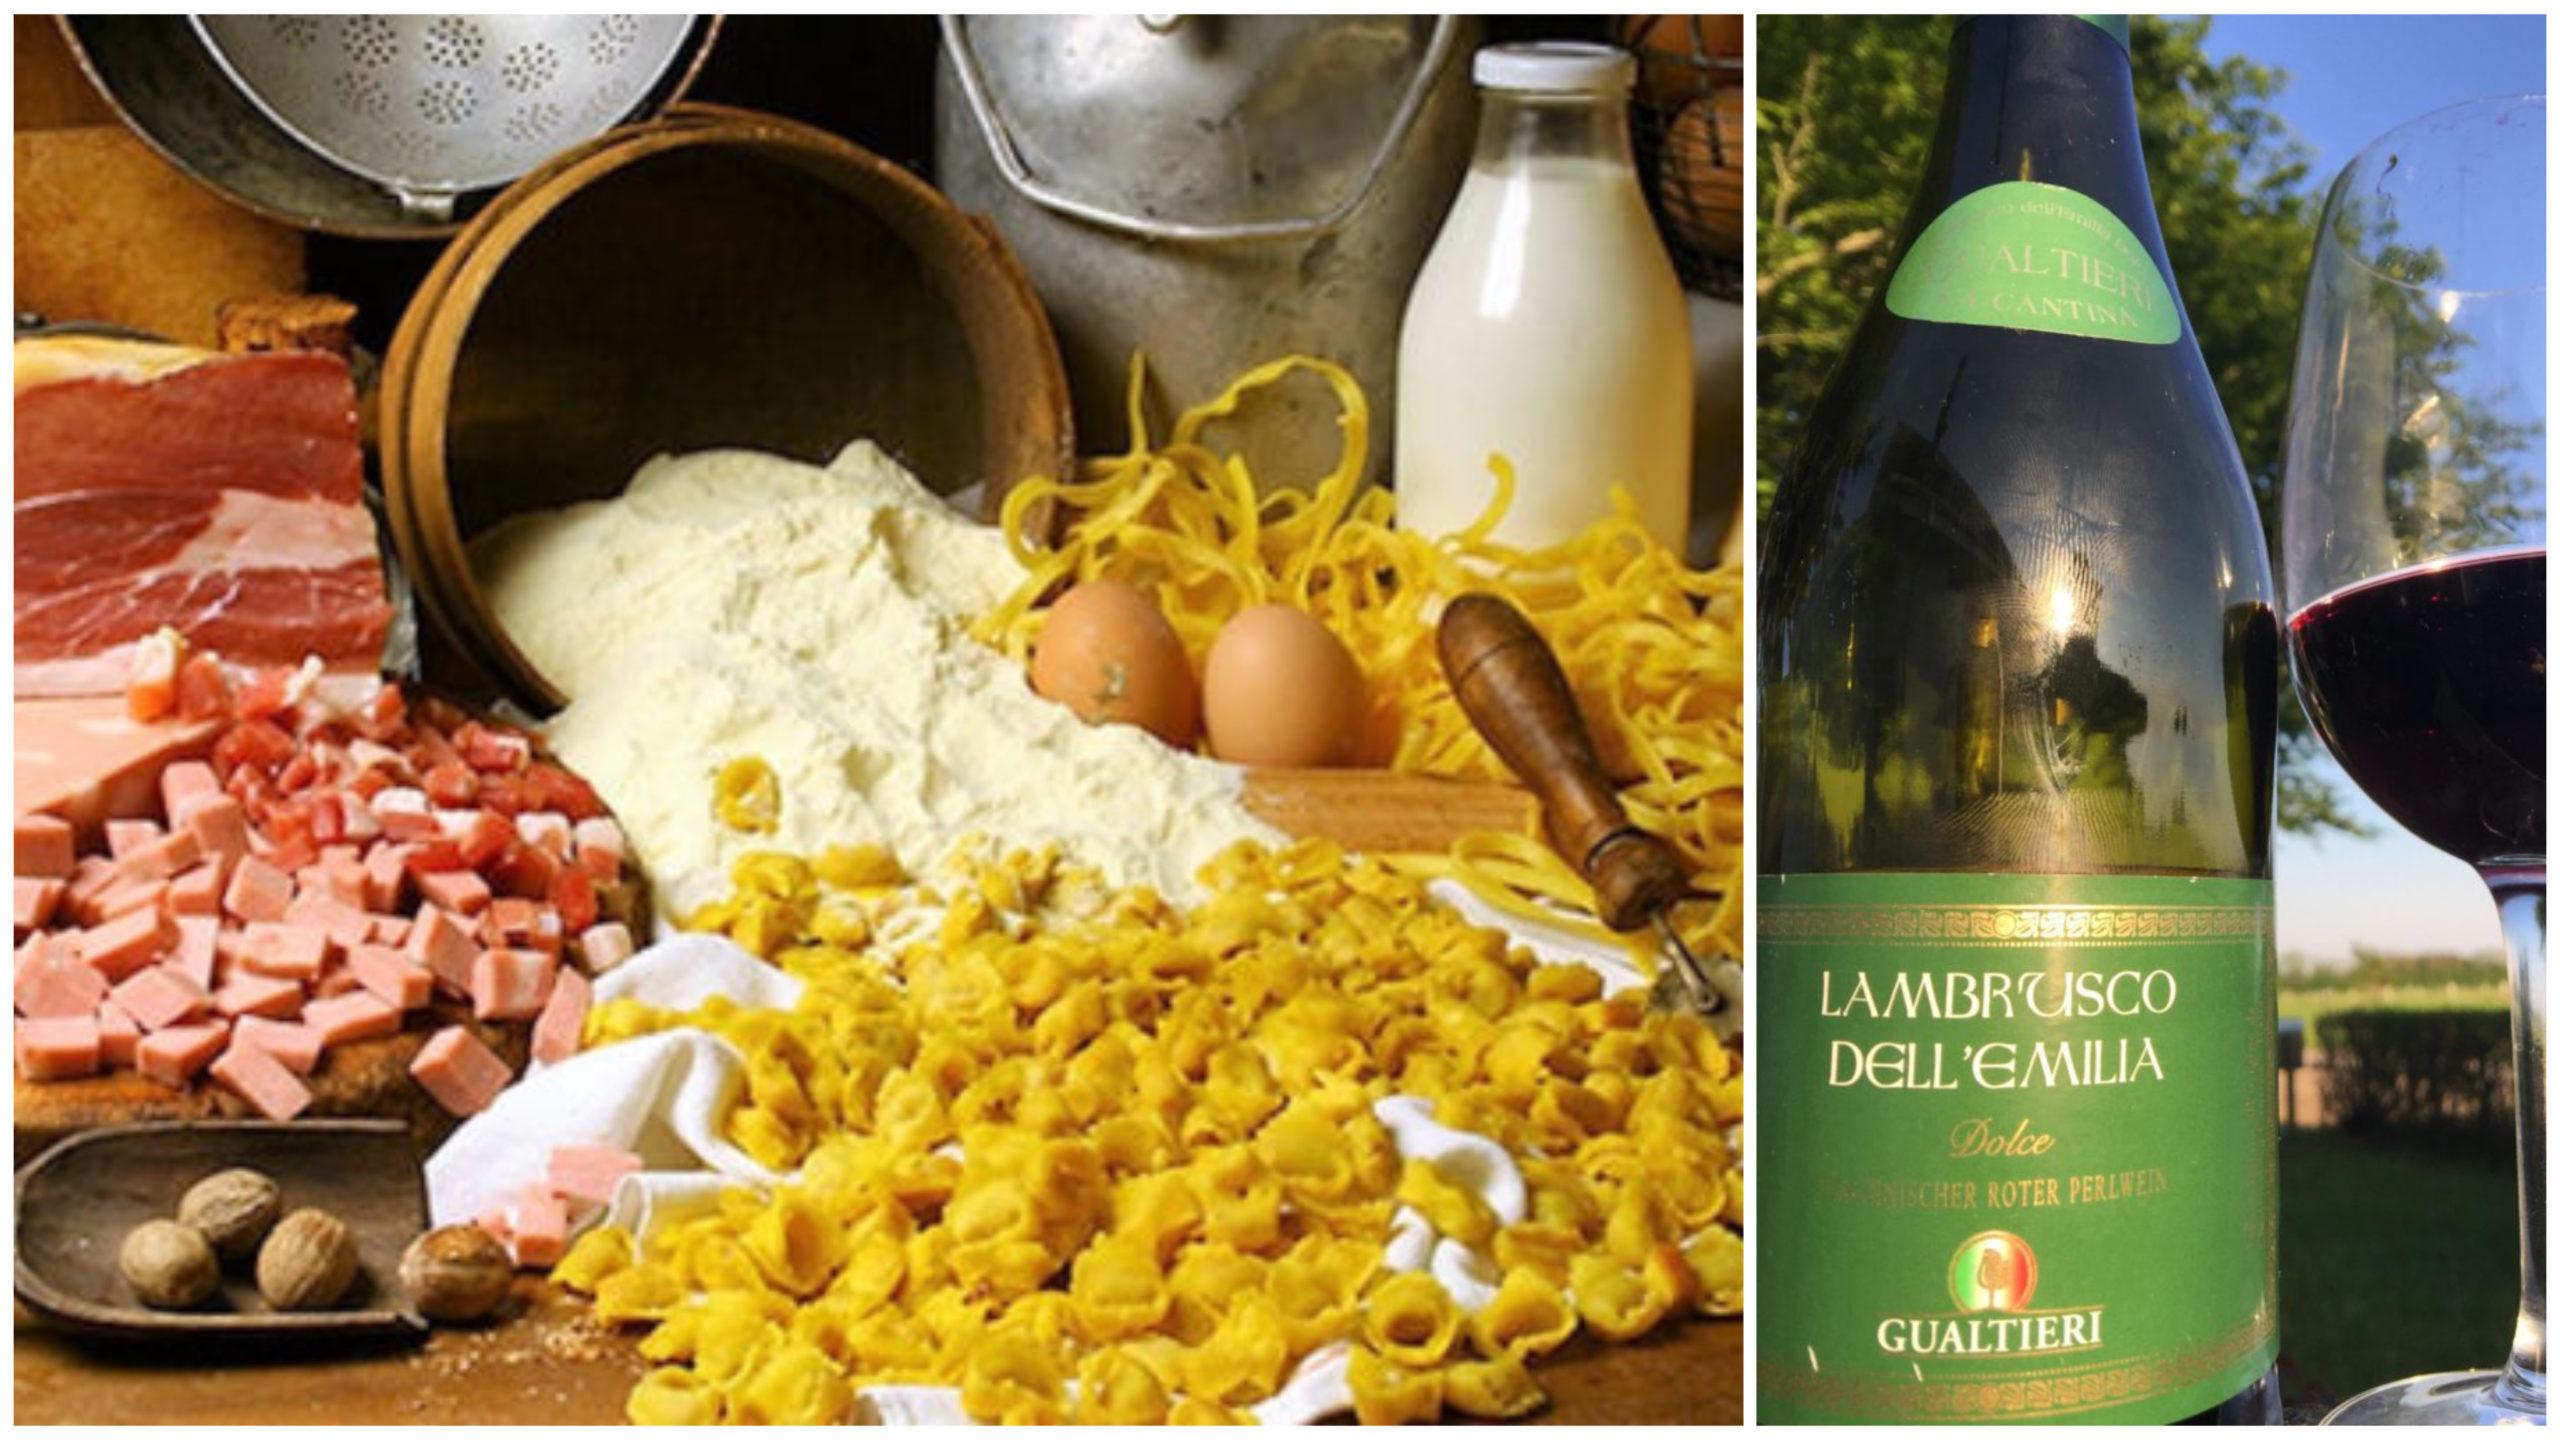 LIGABUE LA FIGURA RITROVATA: un weekend nel borgo di Gualtieri tra arte e ottimo vino